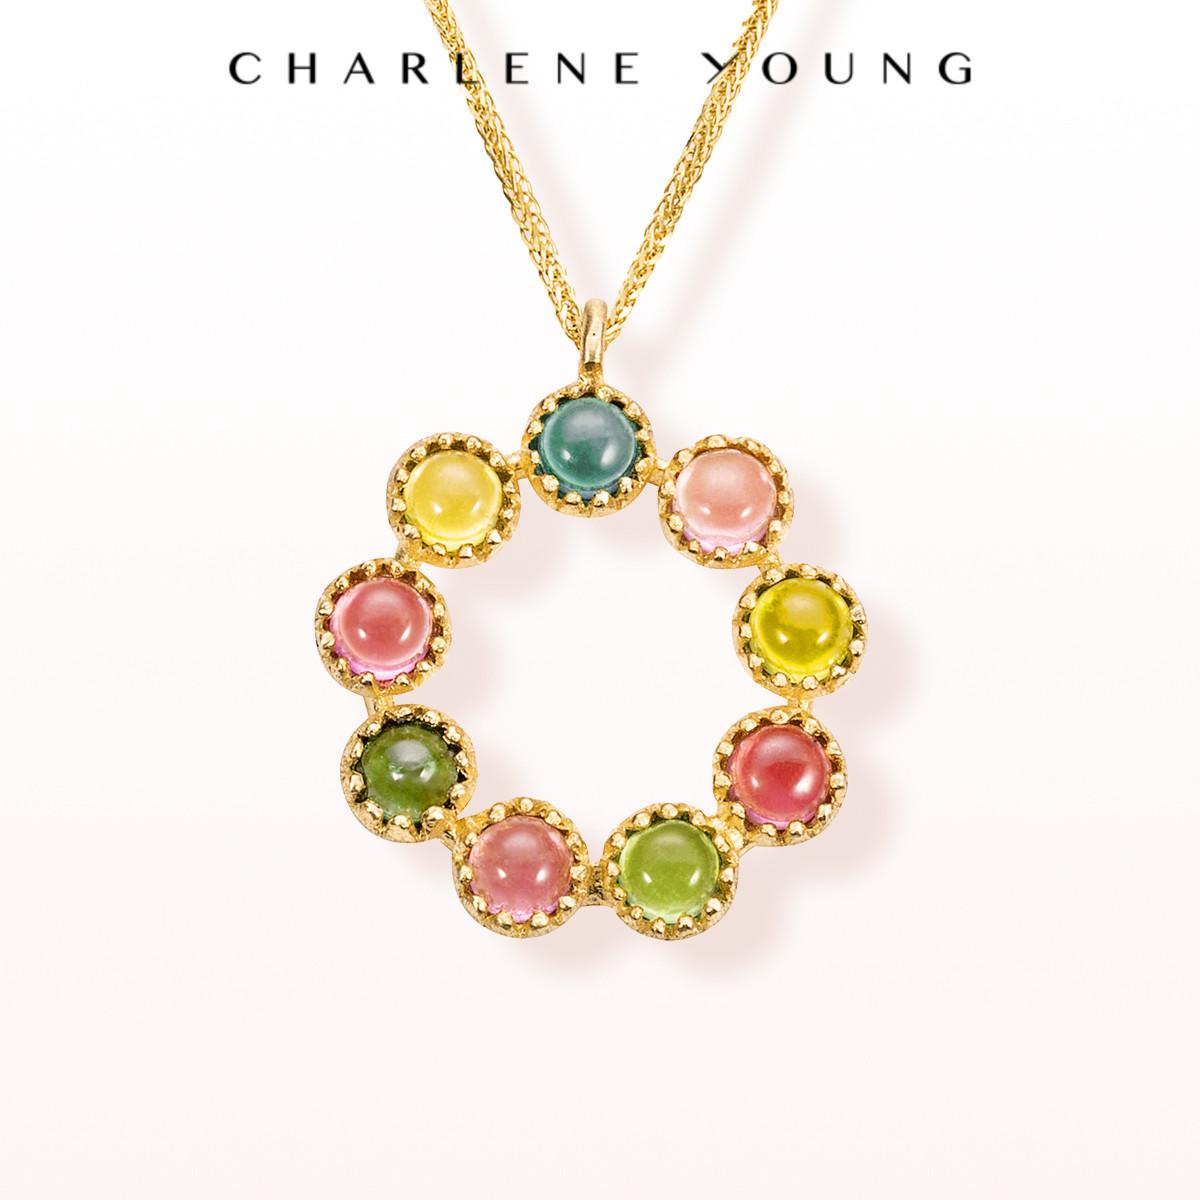 轩灵珠宝首饰14k金小众设计轻奢项链网红女士转运珠碧玺彩虹吊坠